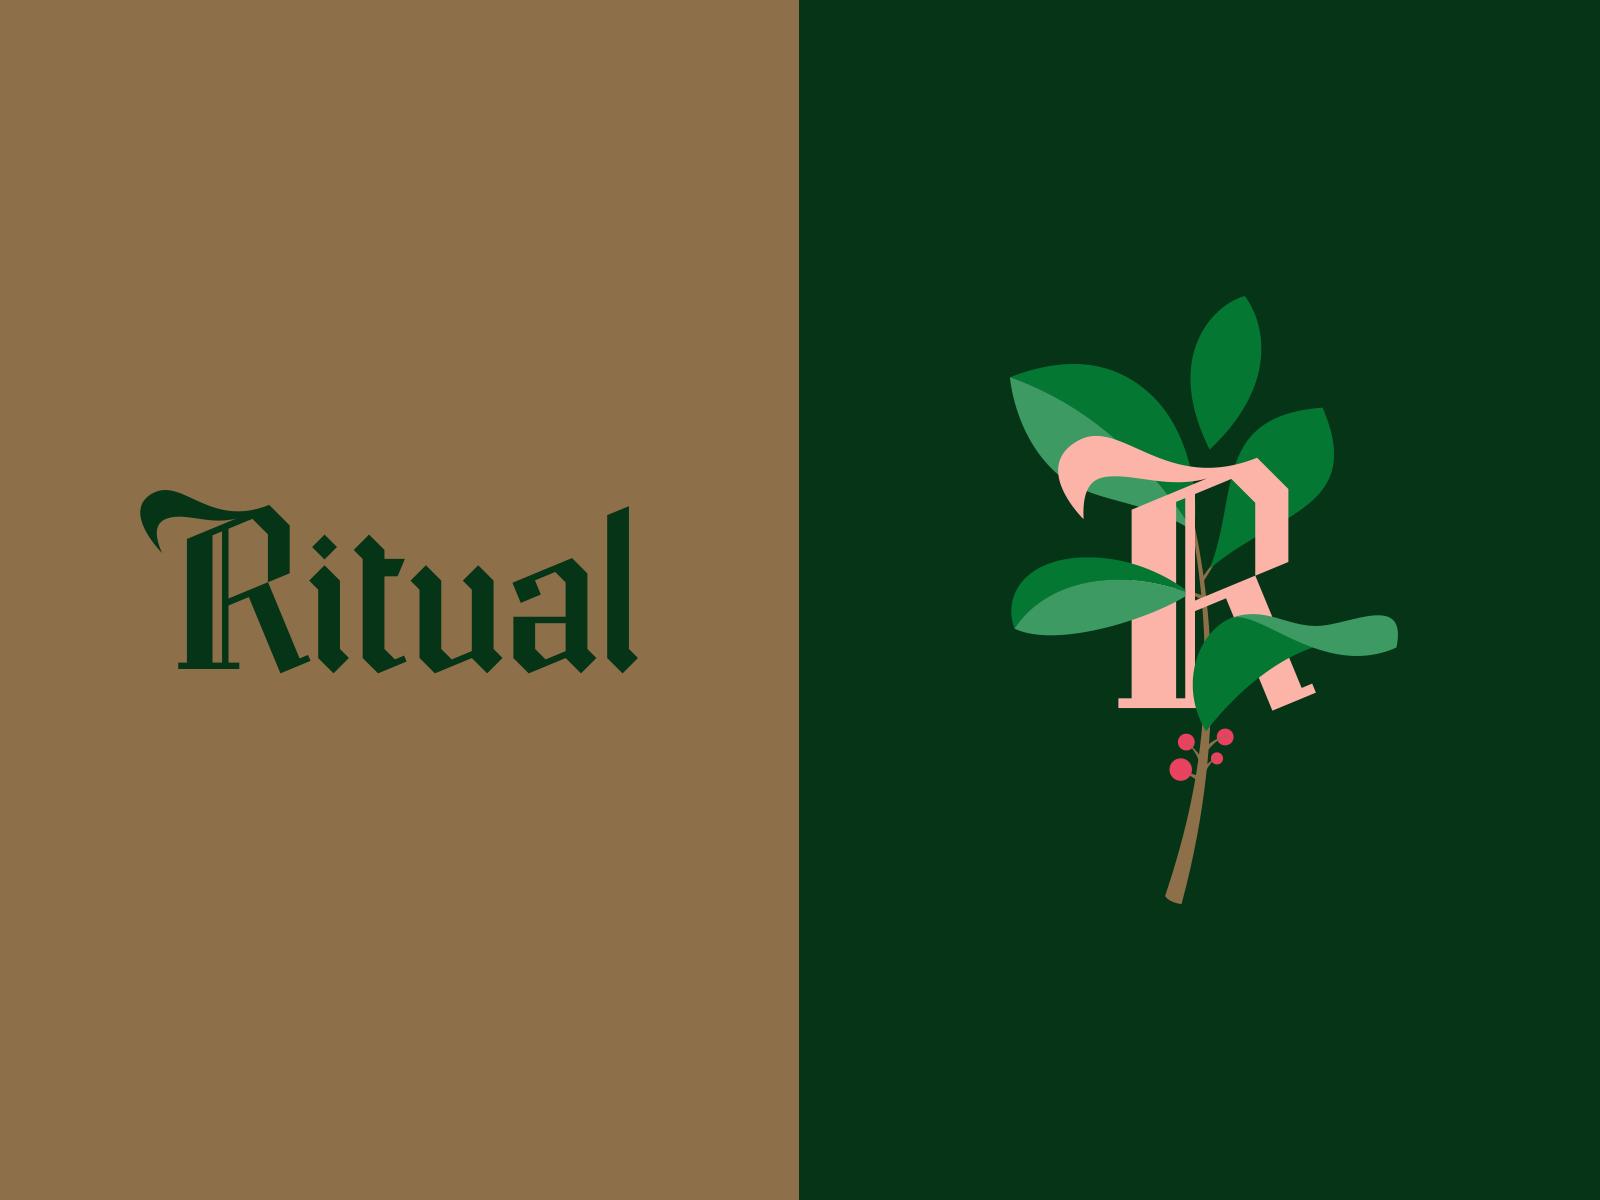 Ritual 01